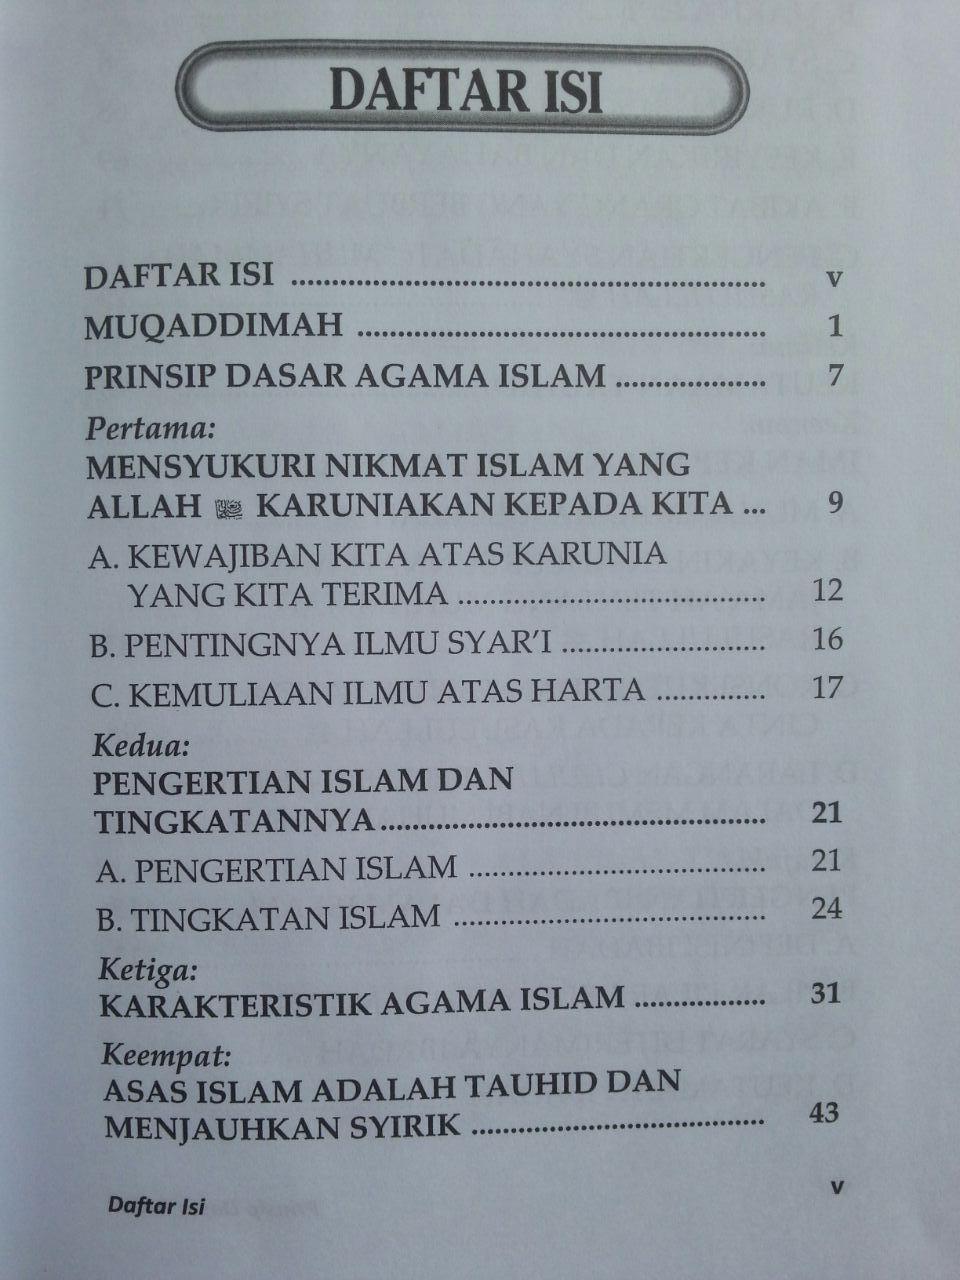 Buku Prinsip Dasar Islam Menurut Al-Qur'an Dan As-Sunnah isi 2